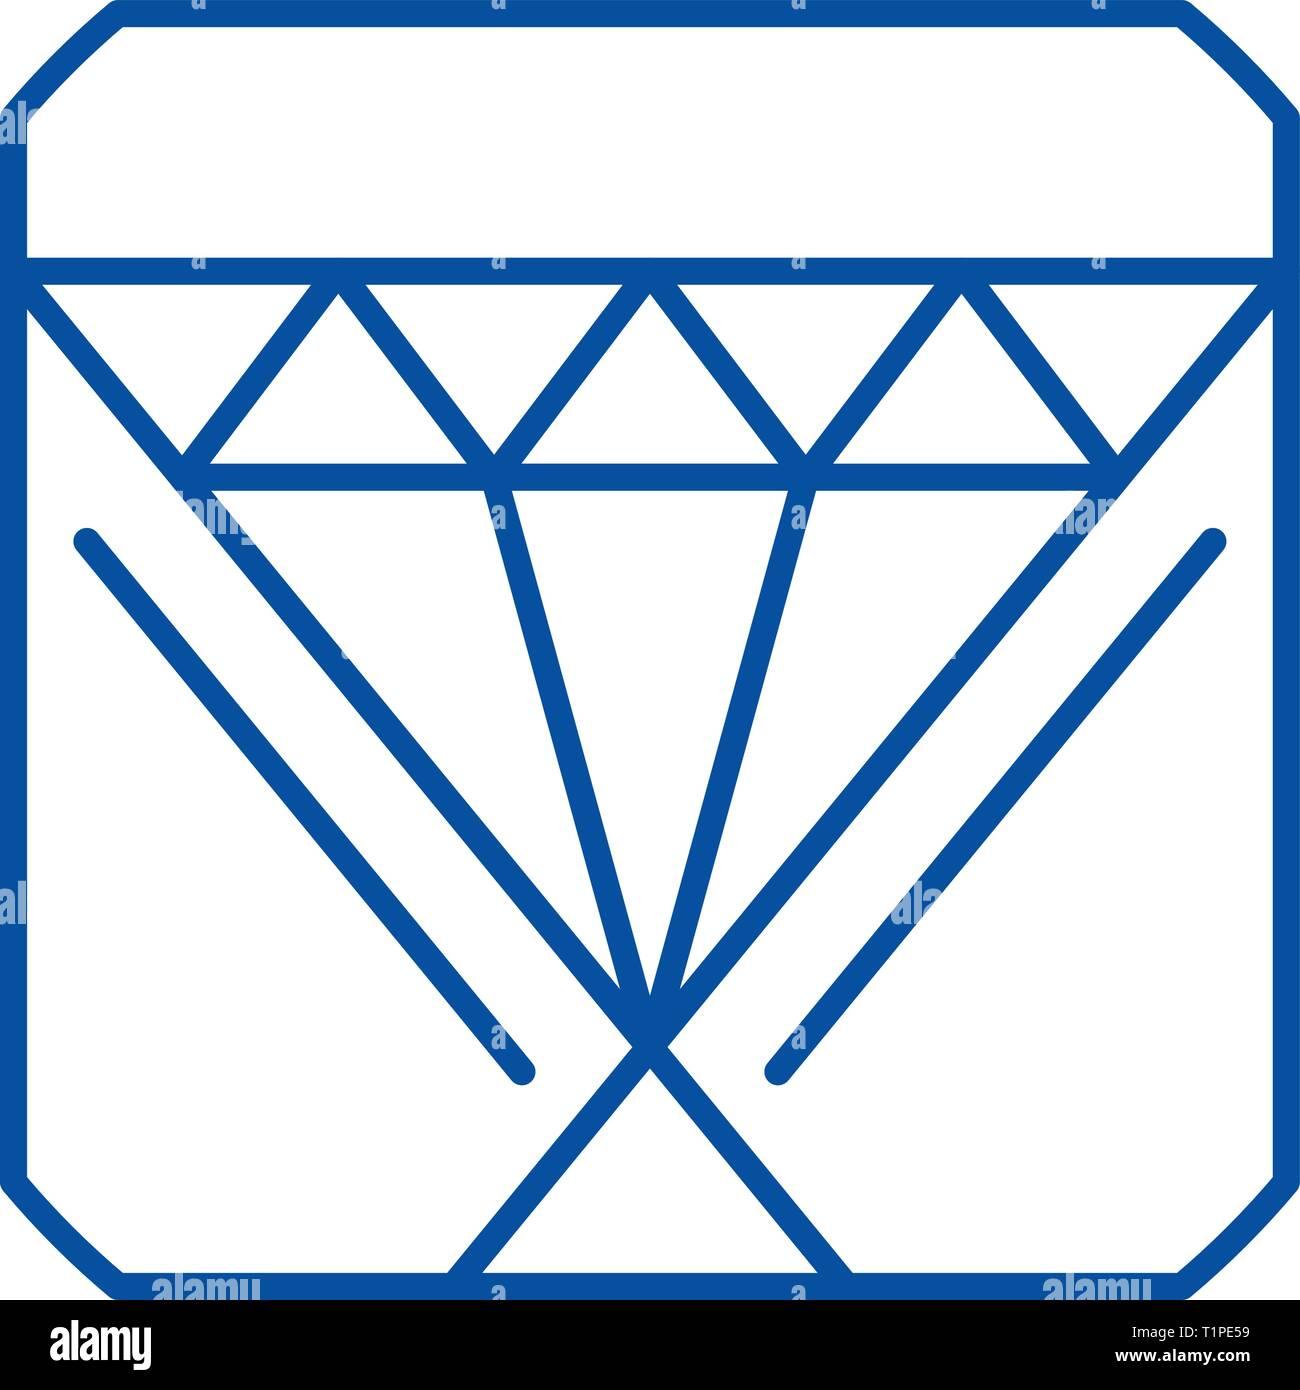 Customer relationship management line icon concept. Customer relationship management flat  vector symbol, sign, outline illustration. - Stock Image